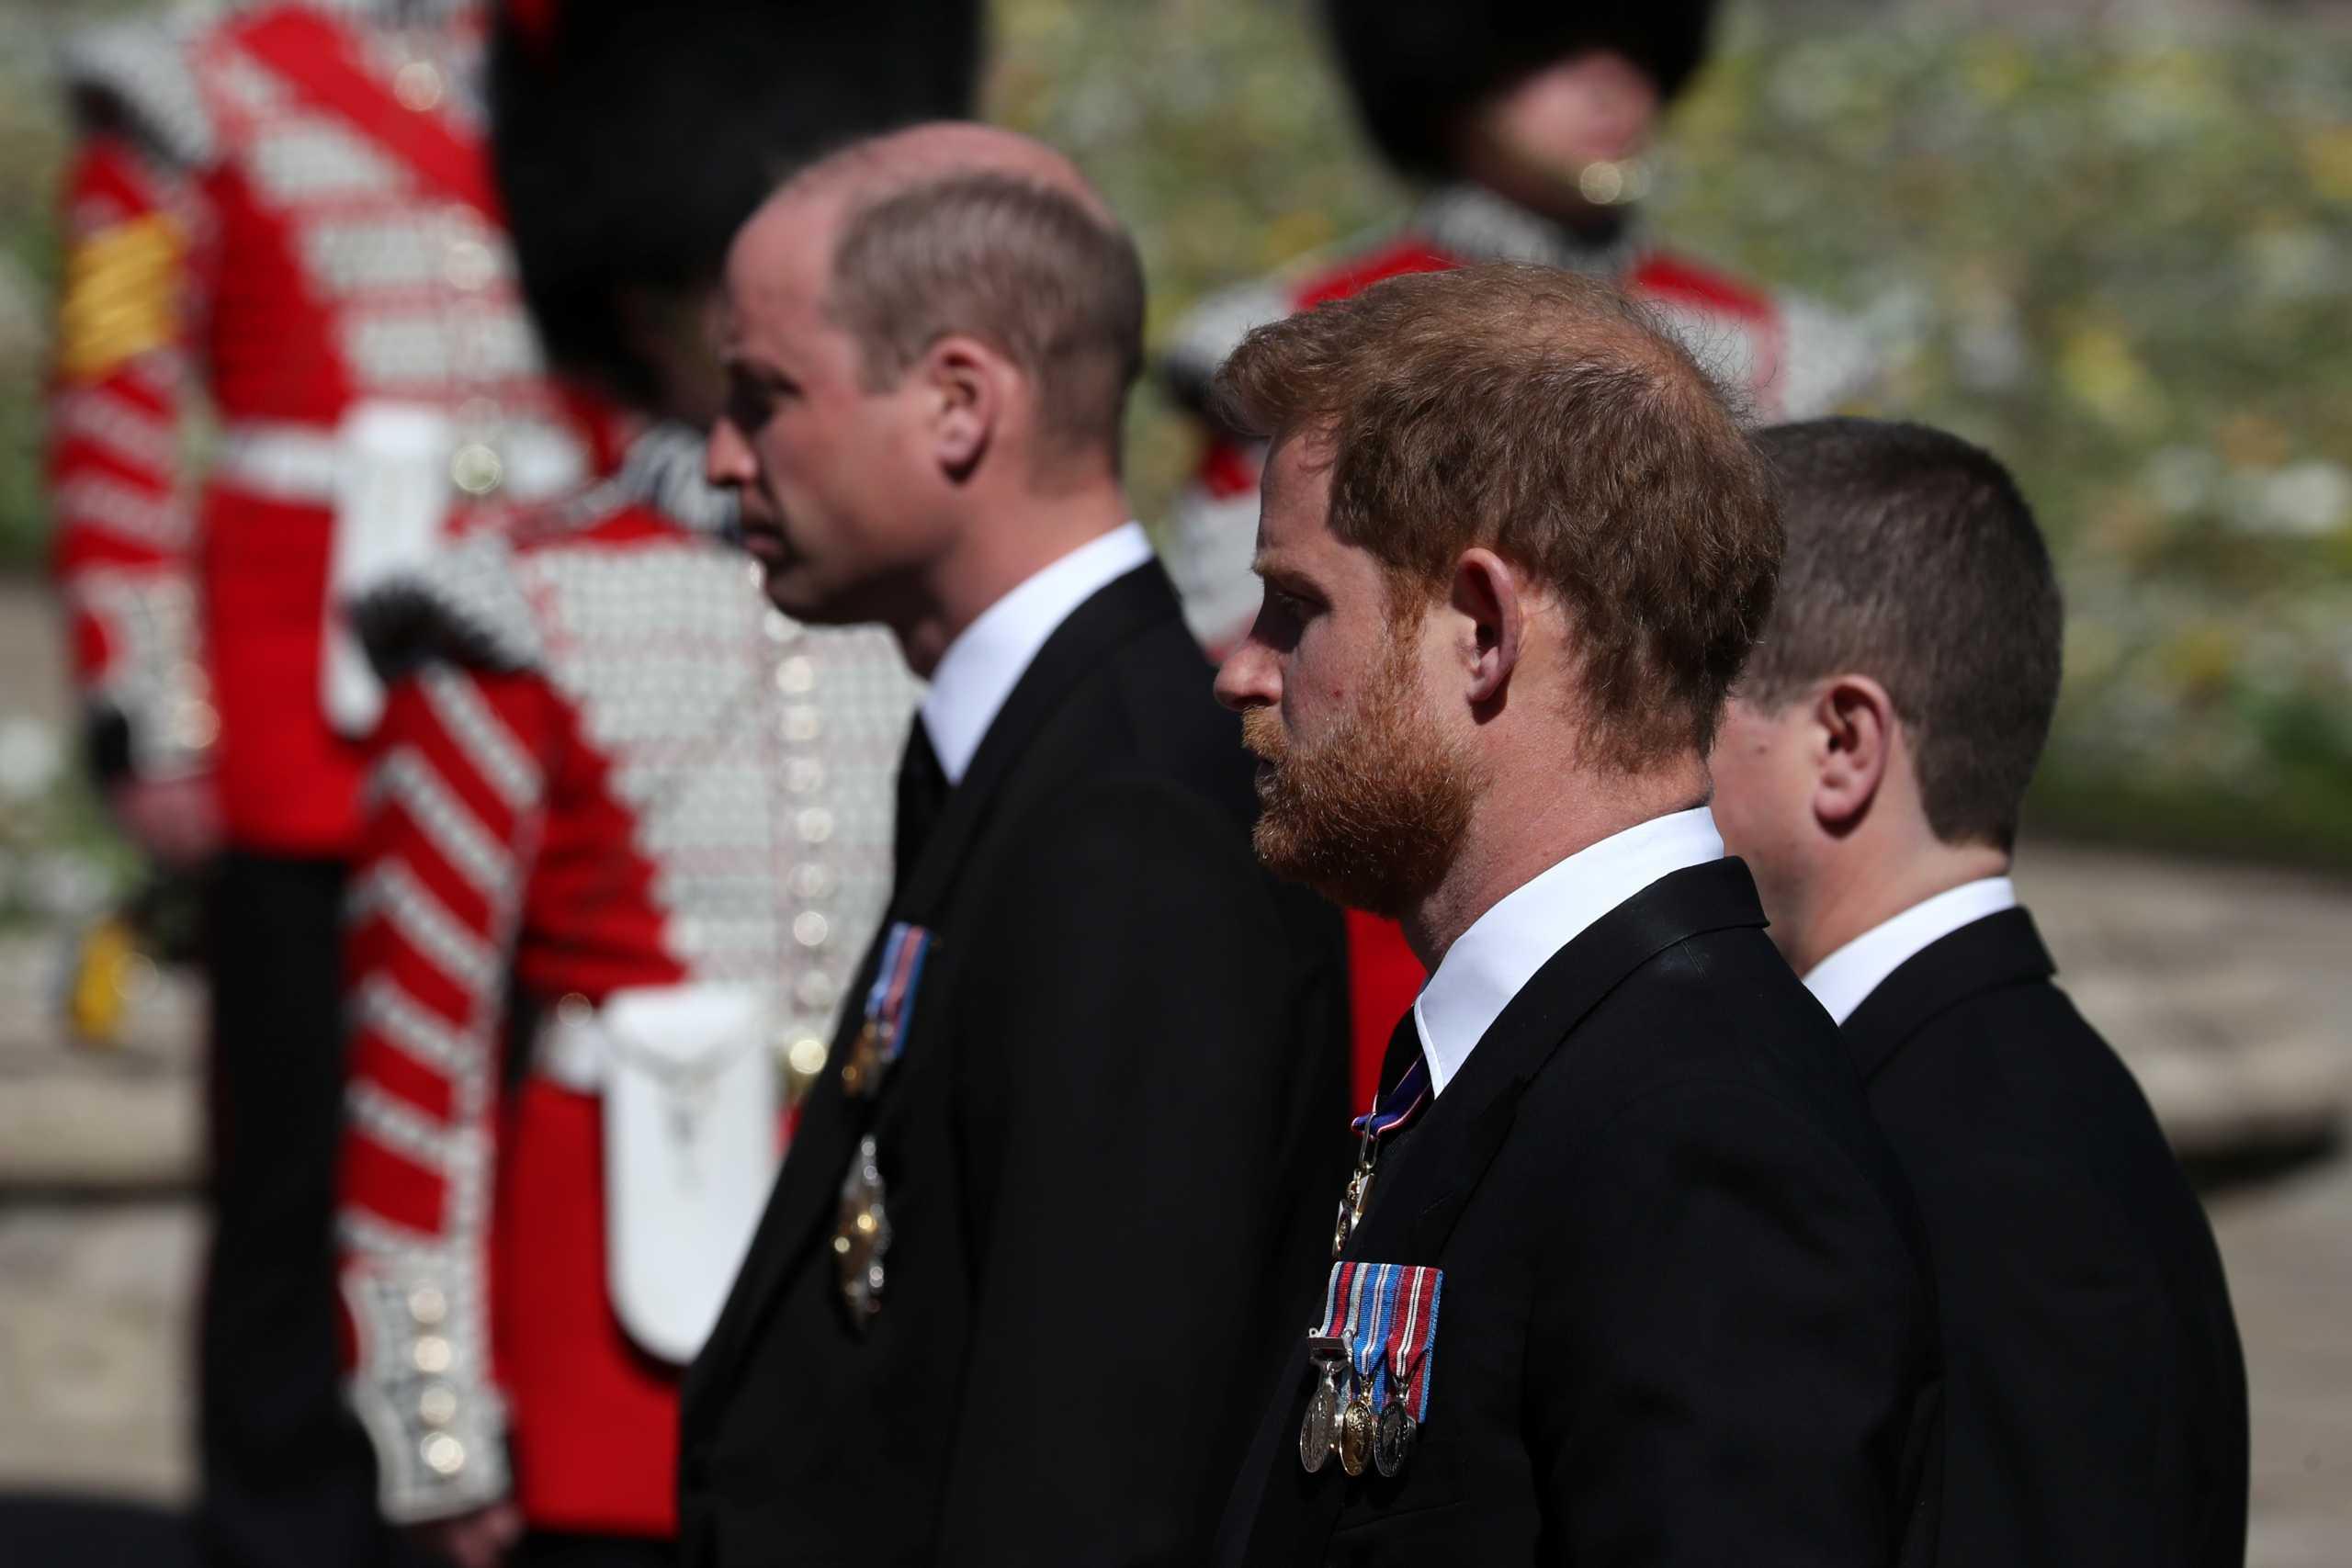 Ο πρίγκιπας Χάρι συναντήθηκε με Κάρολο και Γουίλιαμ